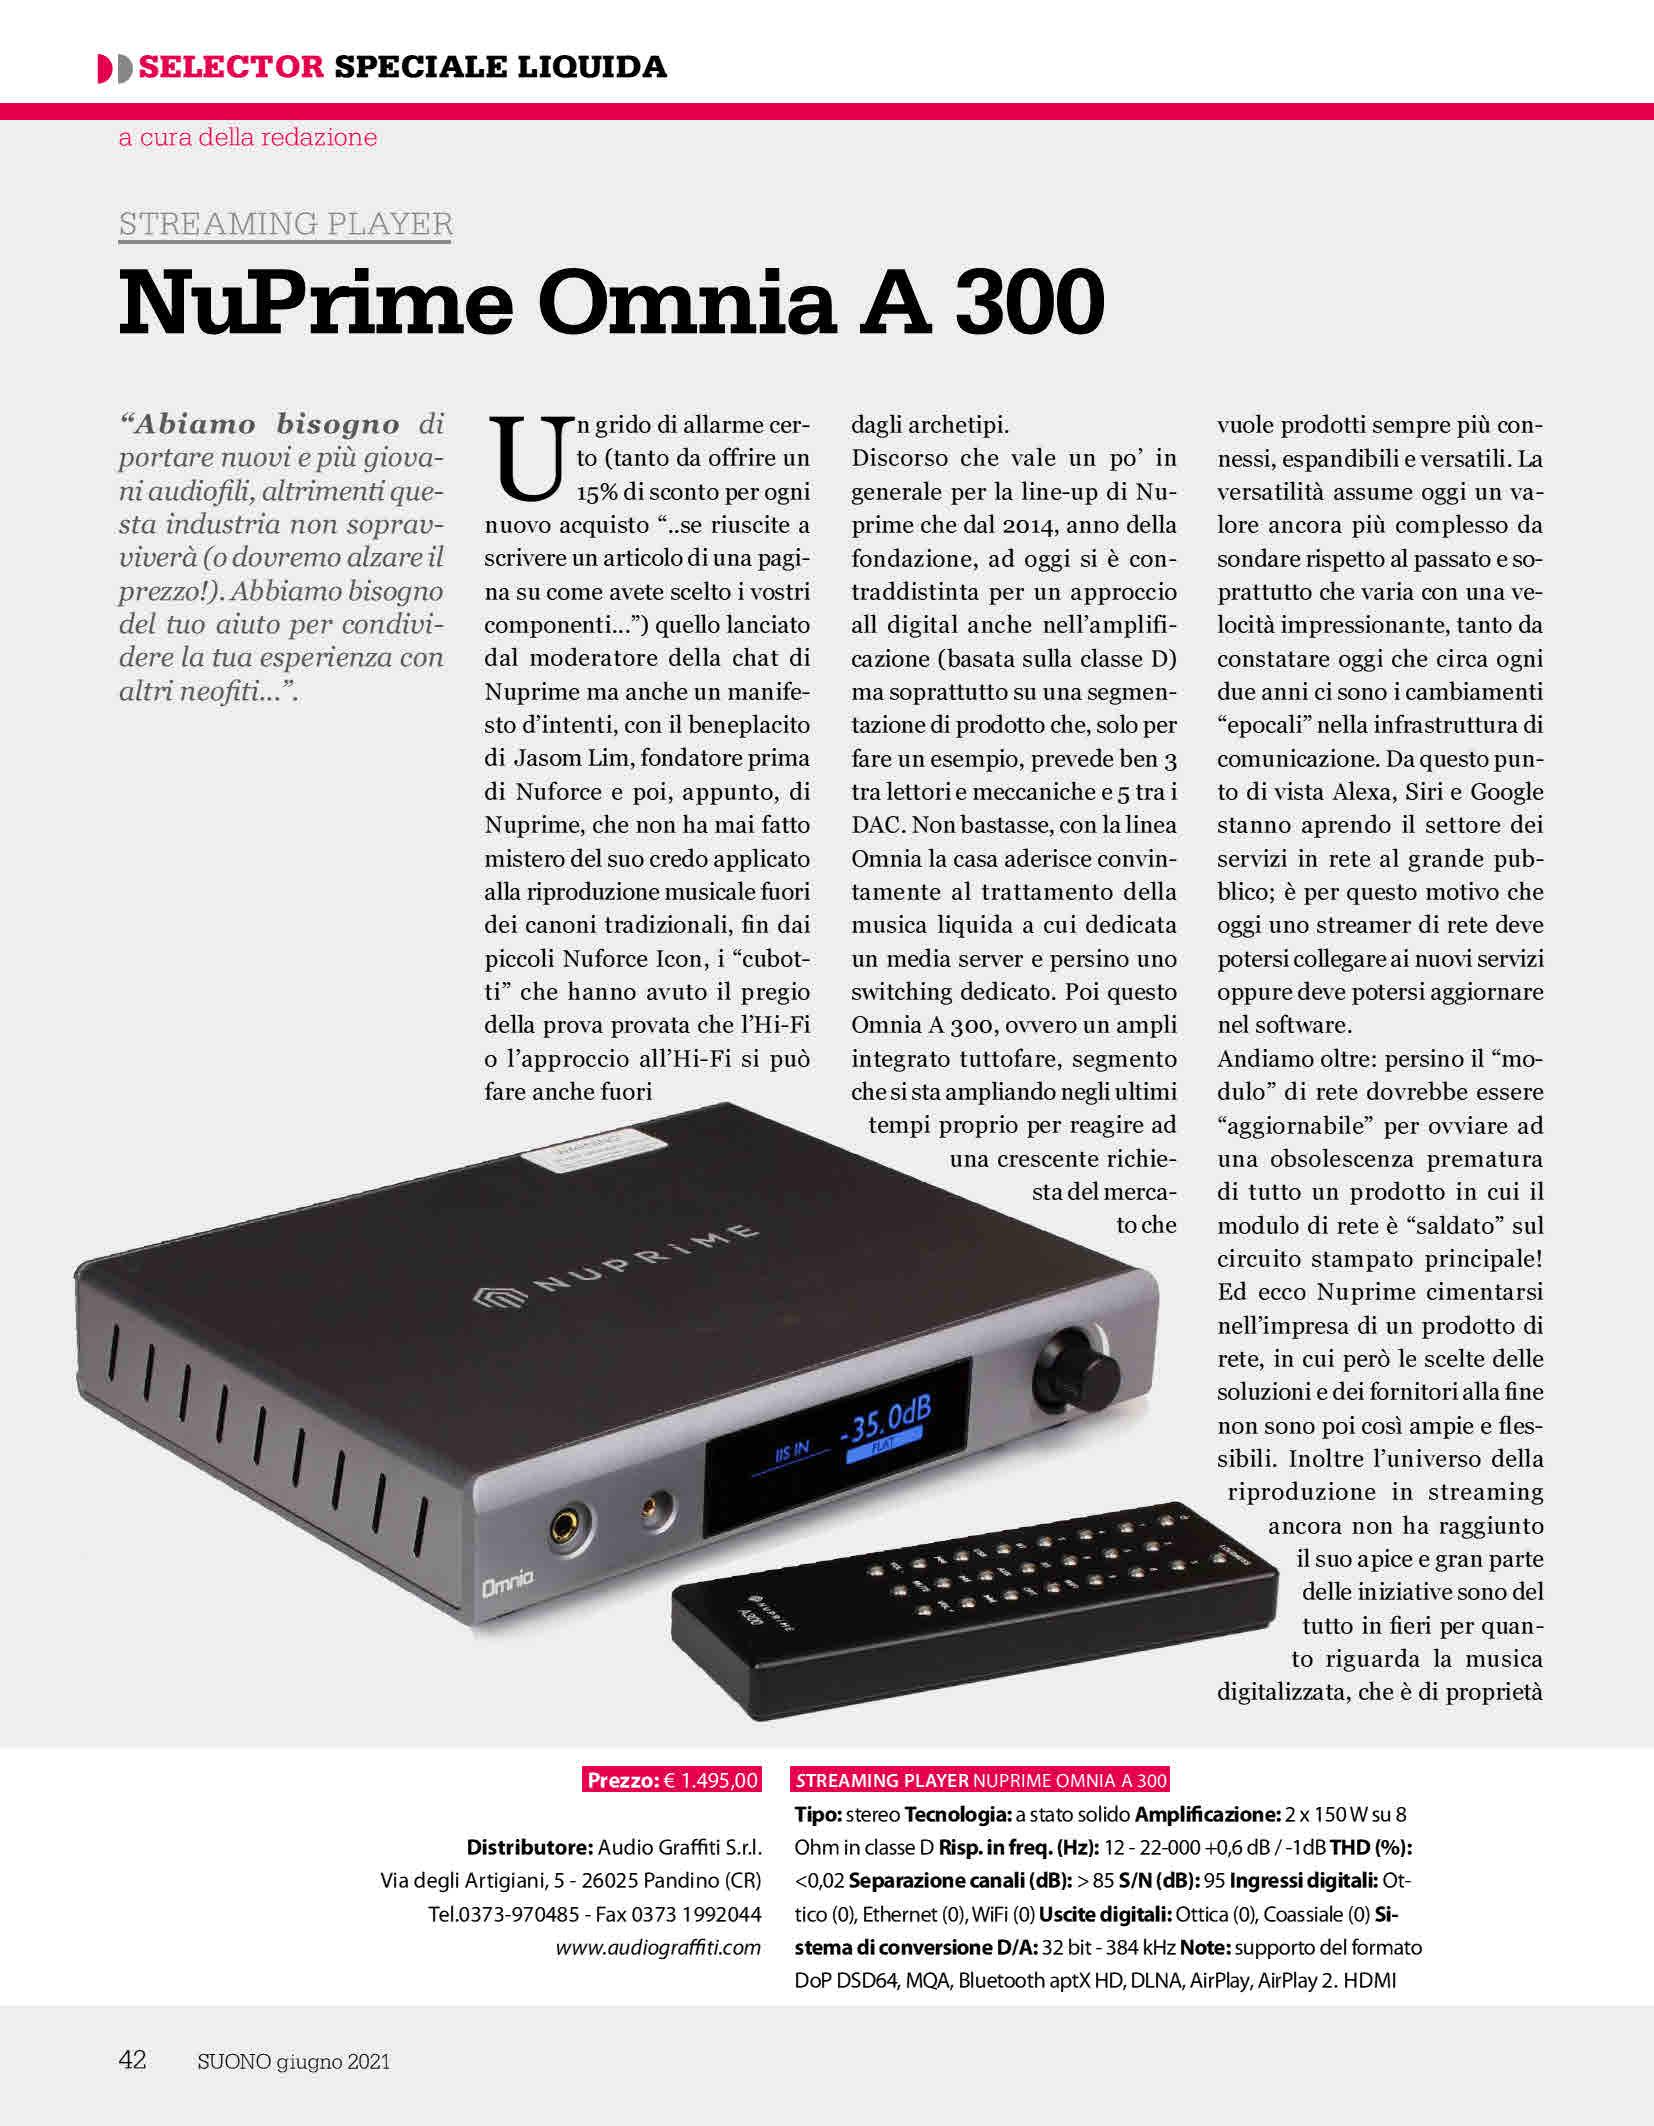 Nuprime Omnia A300